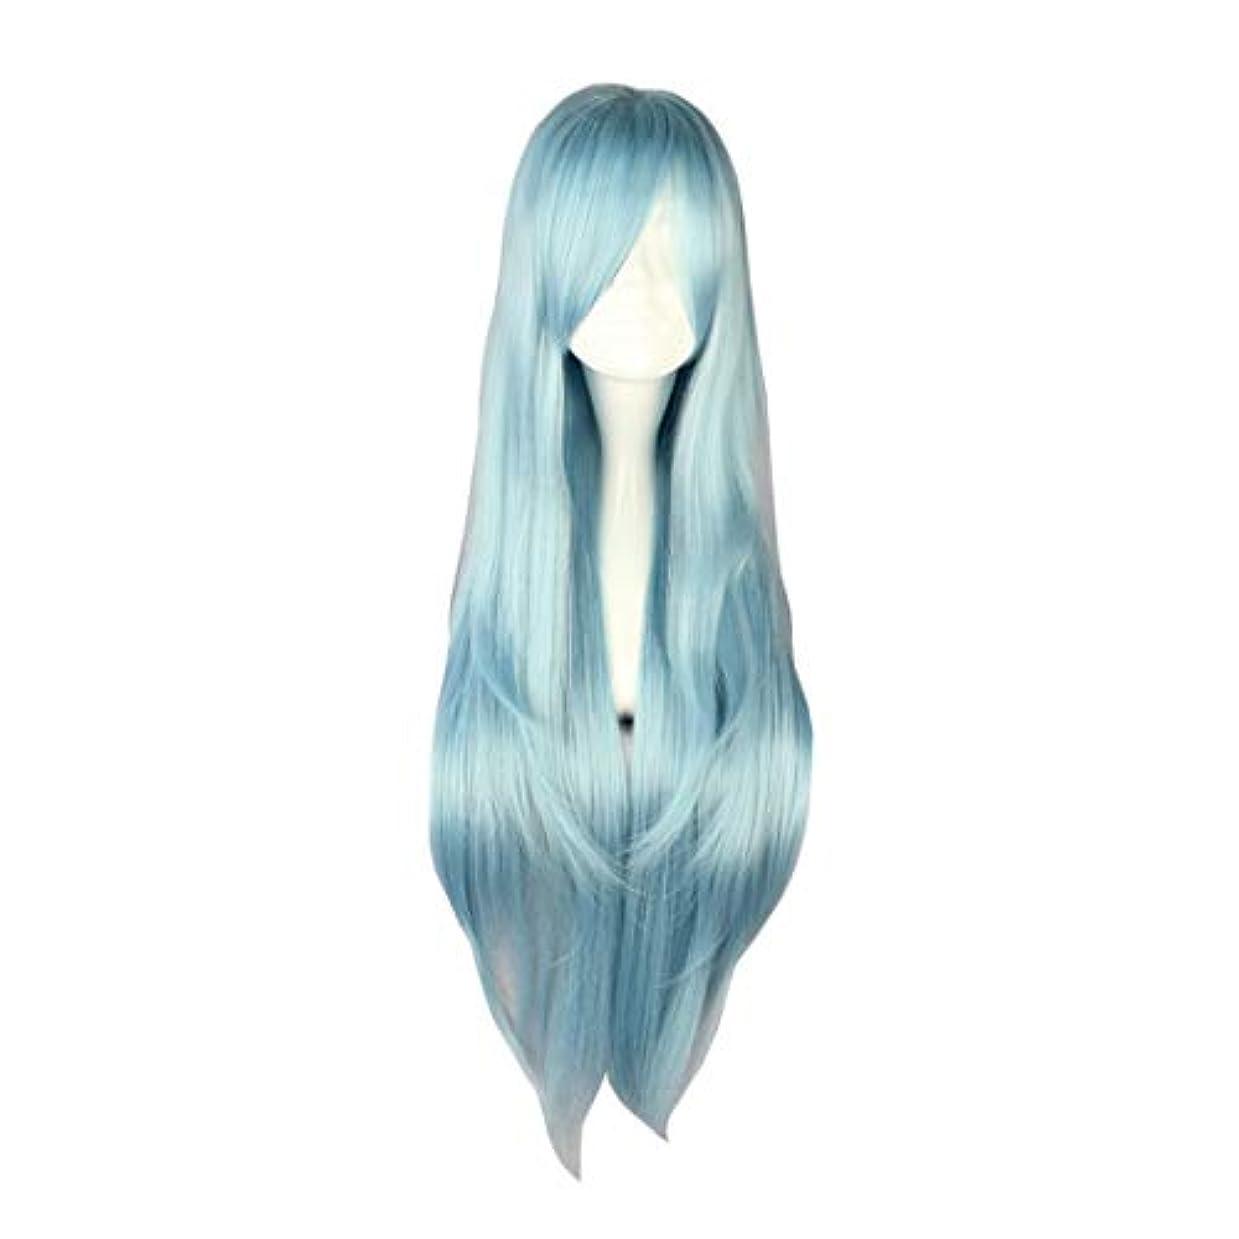 襟固める自発Koloeplf 少女ロングライトブルーナチュラルストレートフルウィッグアニメコスプレパーティー用ソードアートオンラインアスナフィギュア (Color : LIGHT BLUE, Size : 217E)